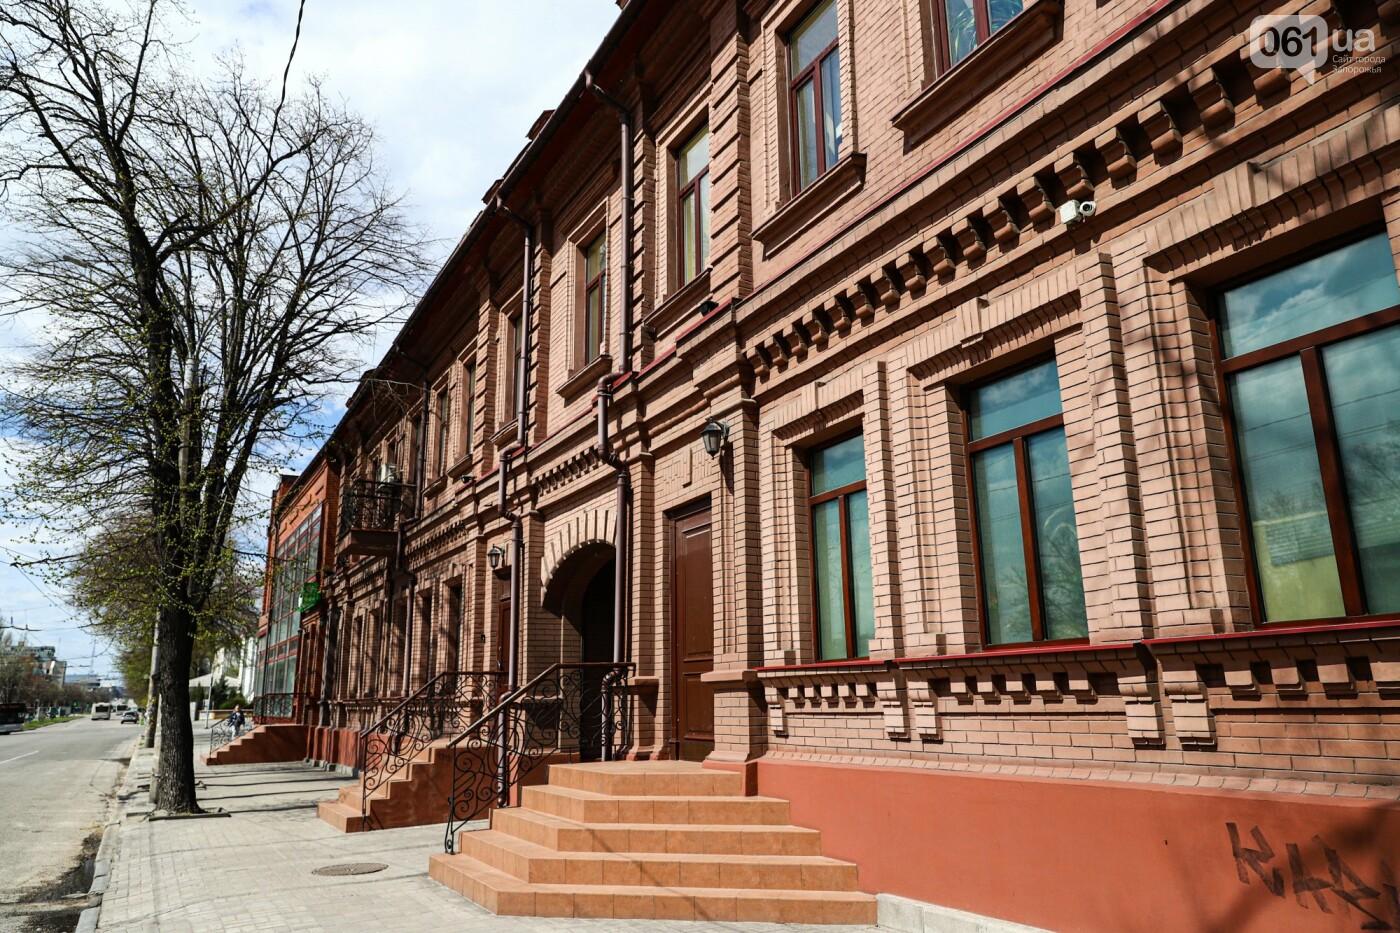 Памятники Старого Александровска: как сейчас выглядит доходный дом Регирера, - ФОТО, фото-7